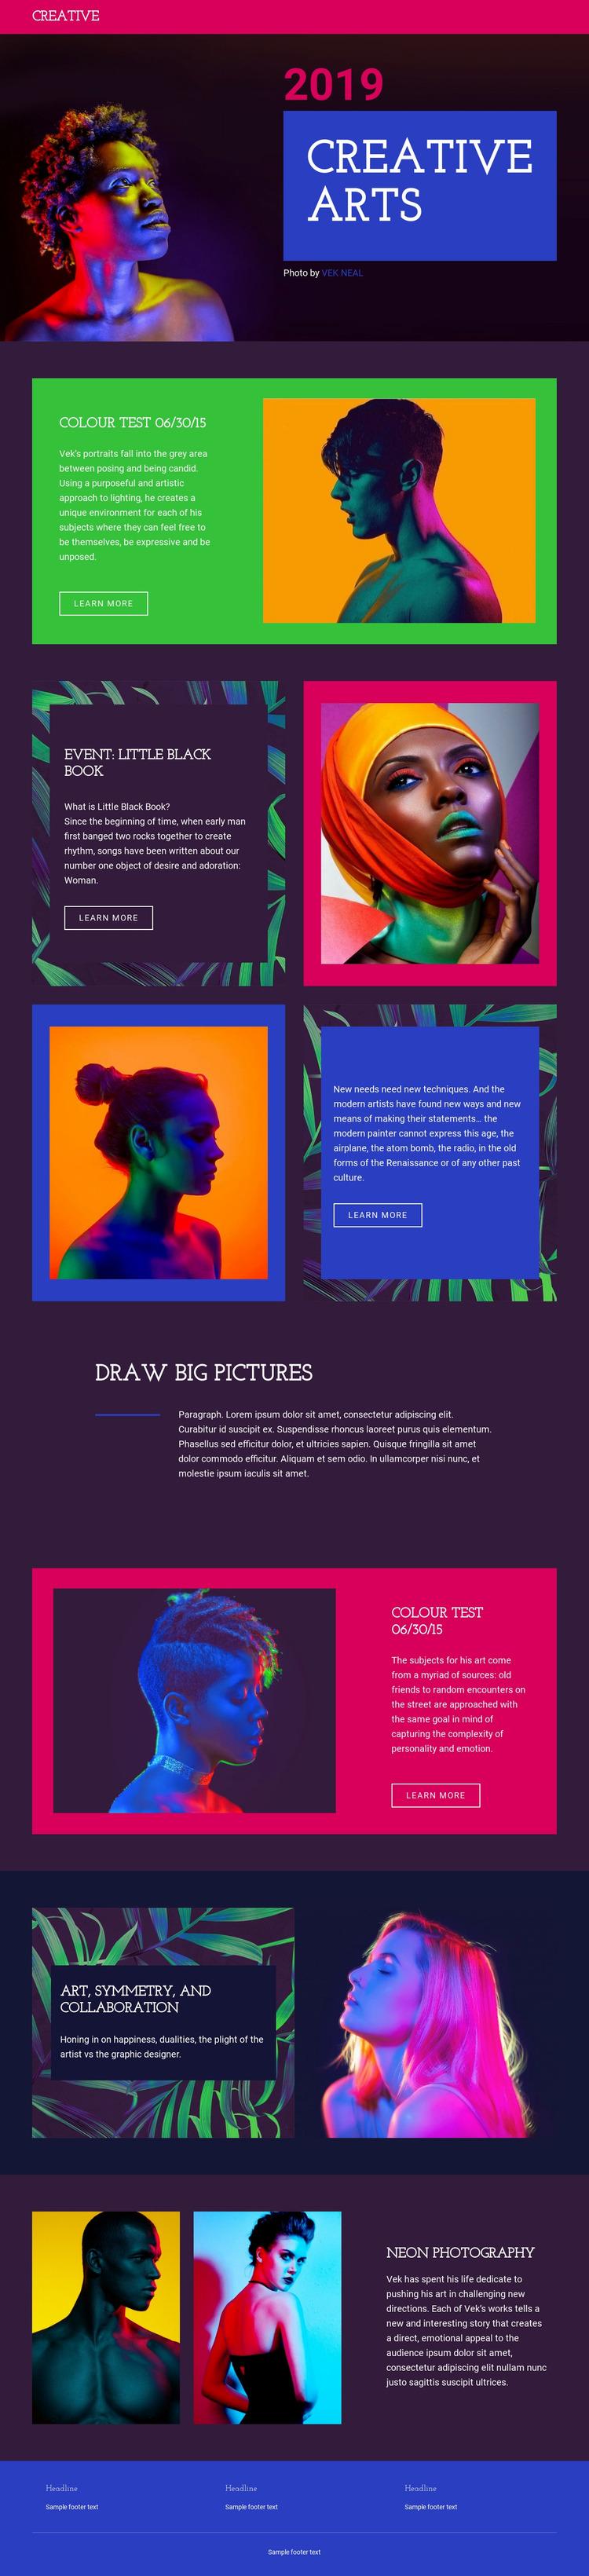 Creative Arts WordPress Website Builder